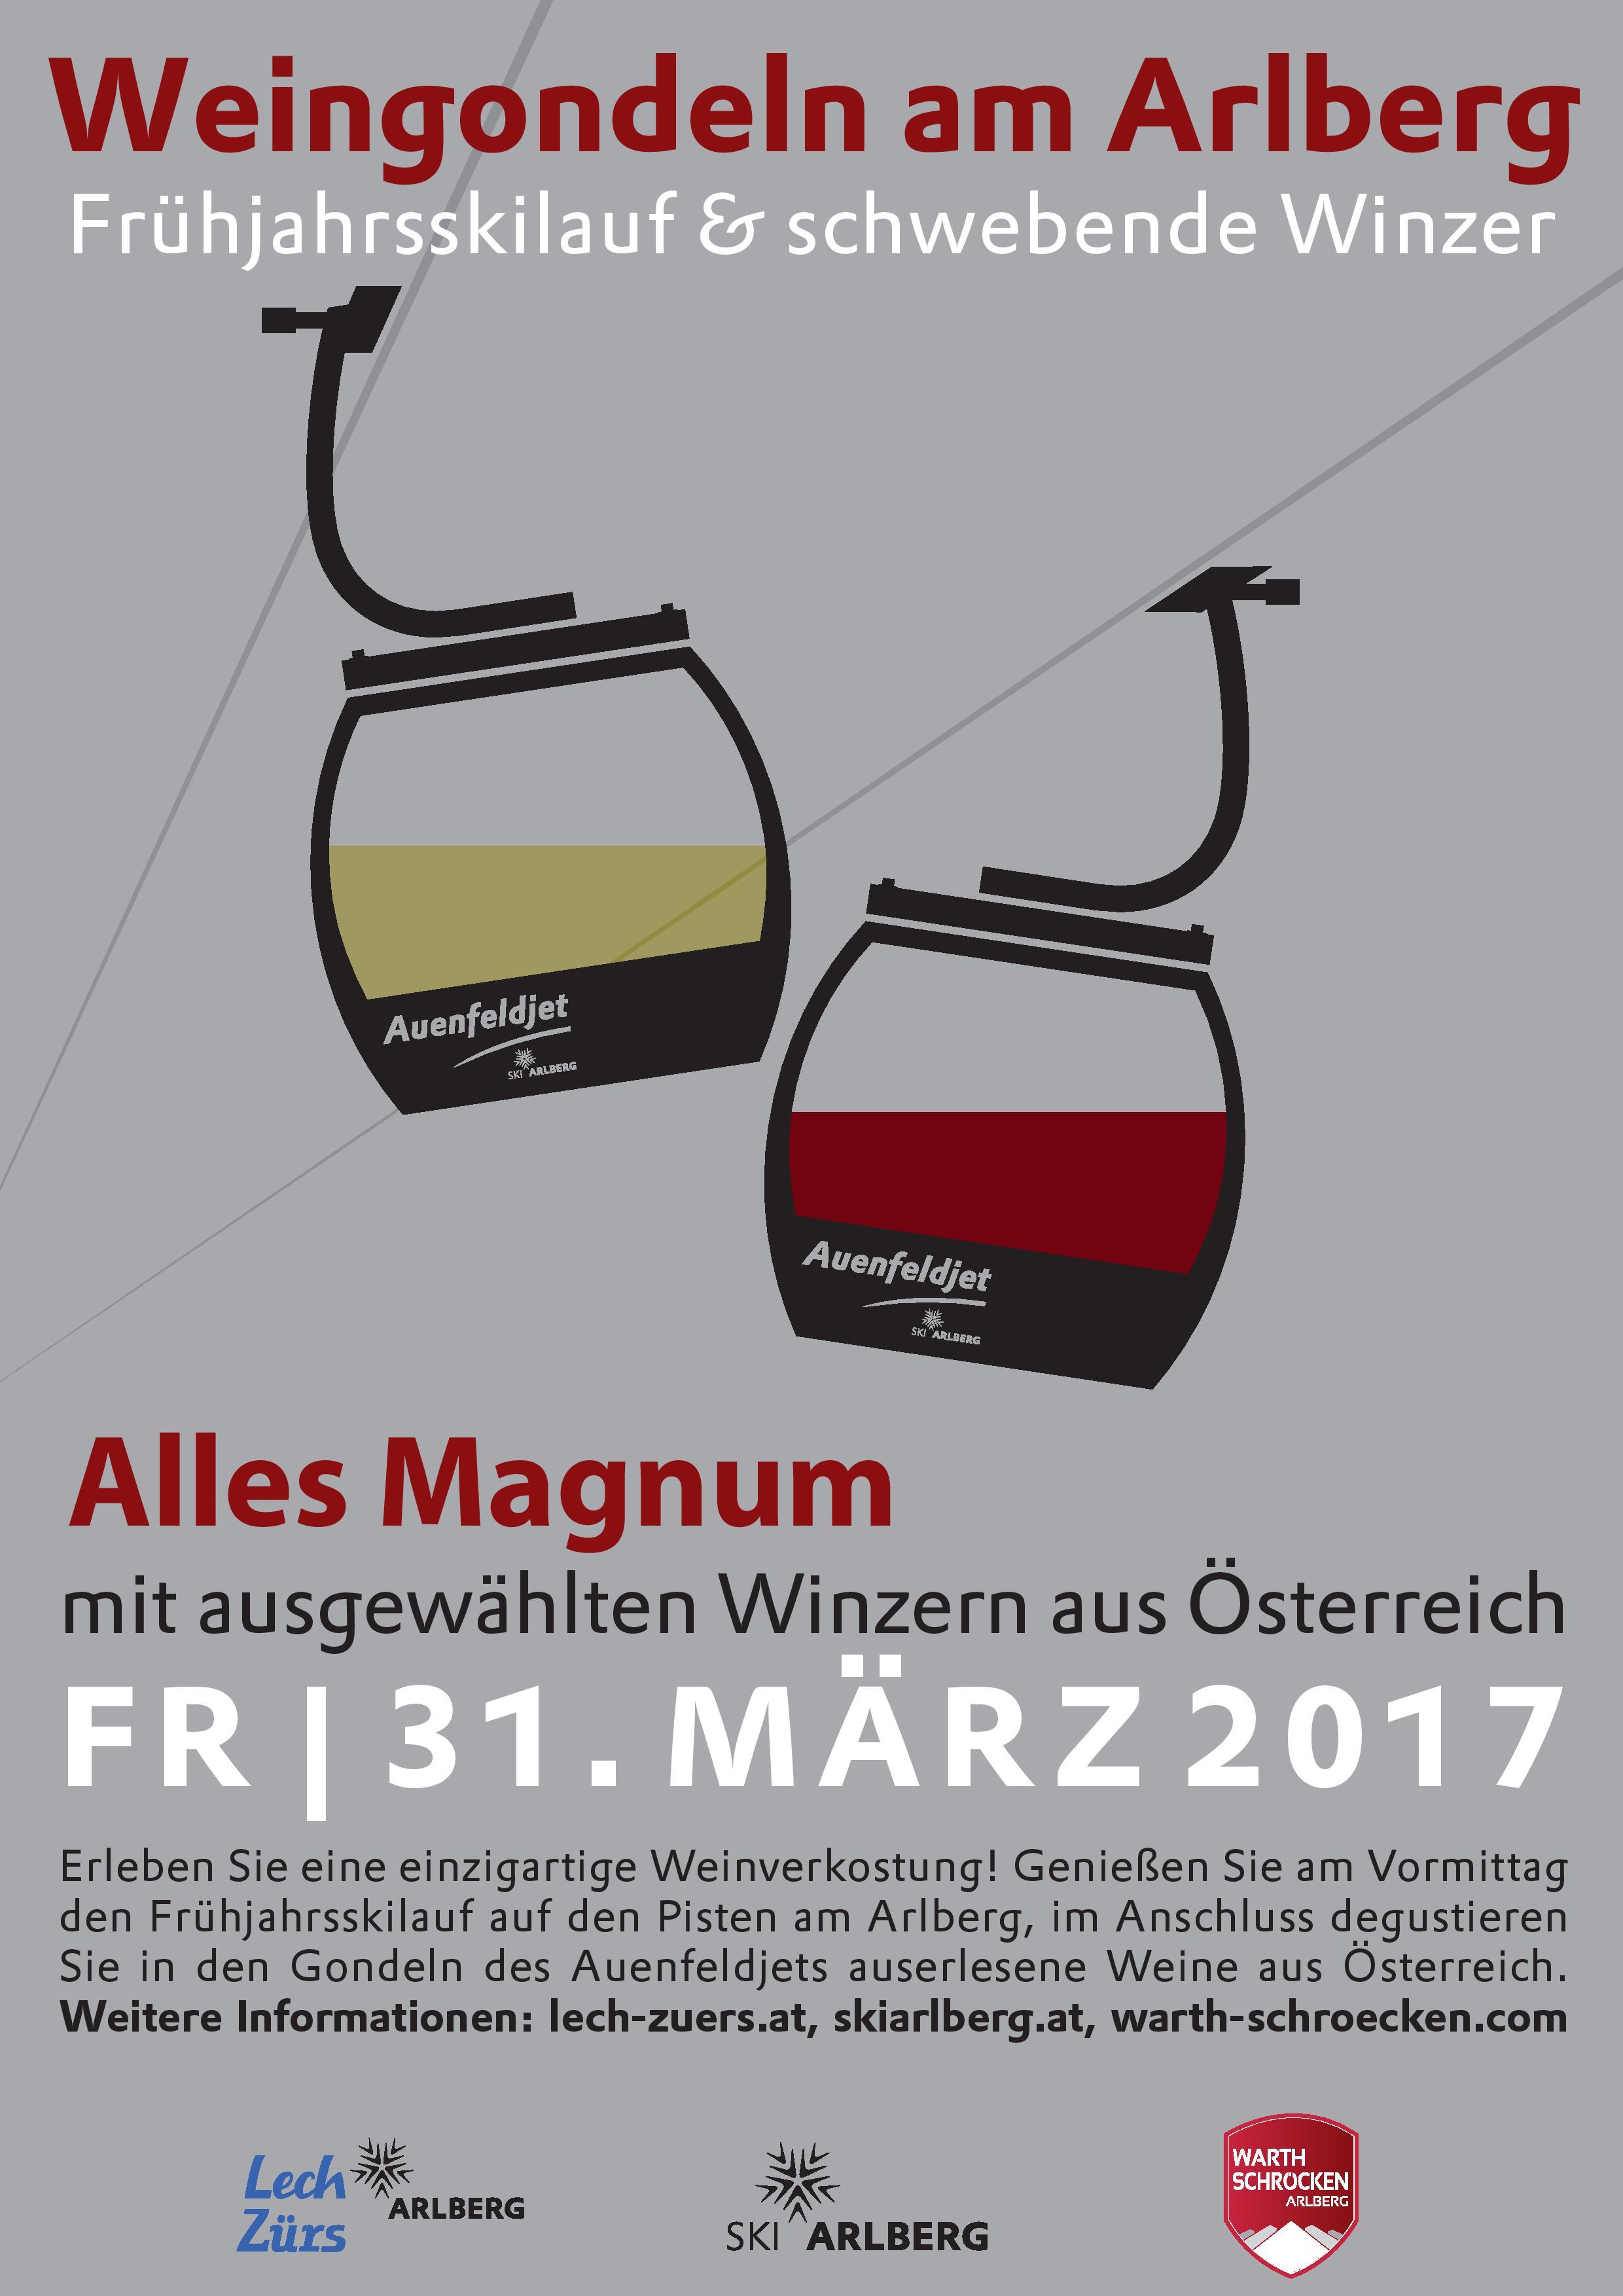 plakat_weingondeln_uebersicht_17